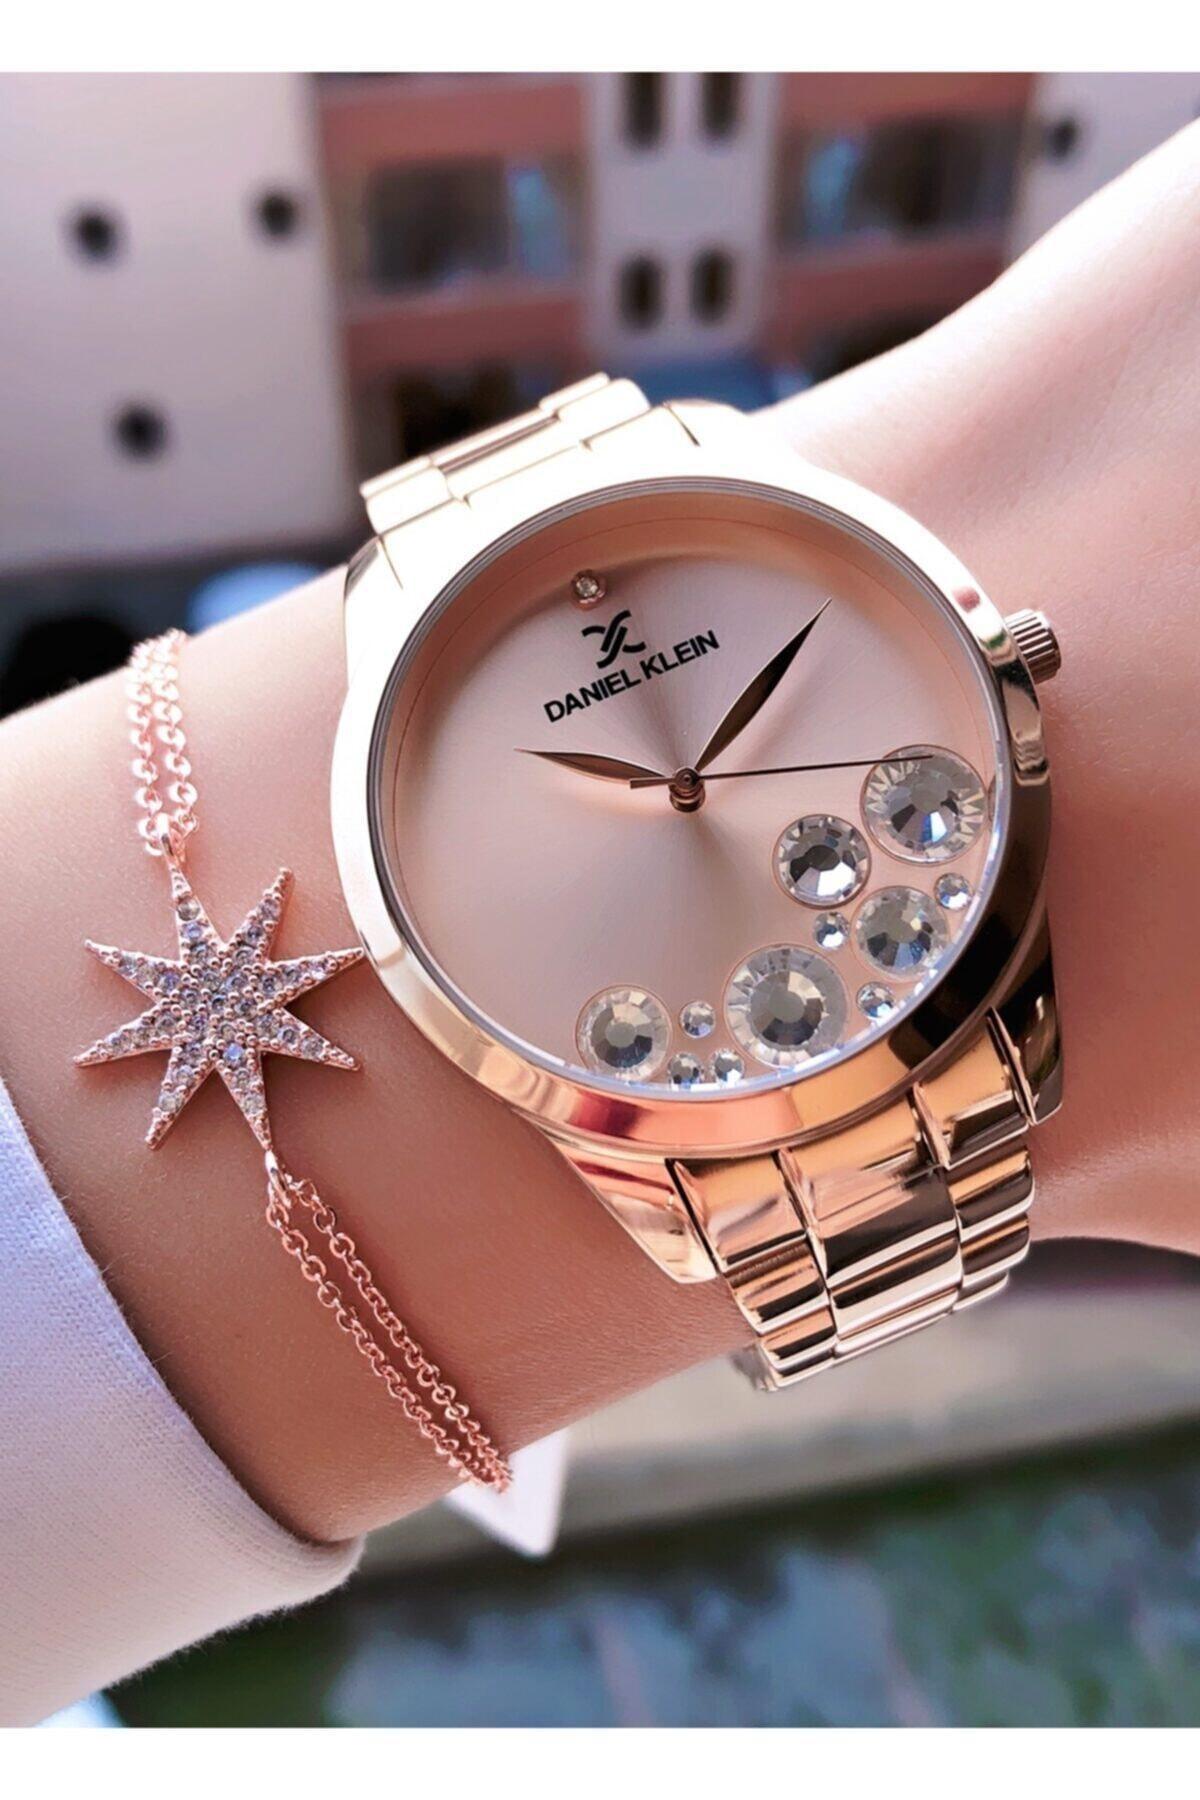 Daniel Klein Marka Kadın Saat Bileklik Hediyeli 1